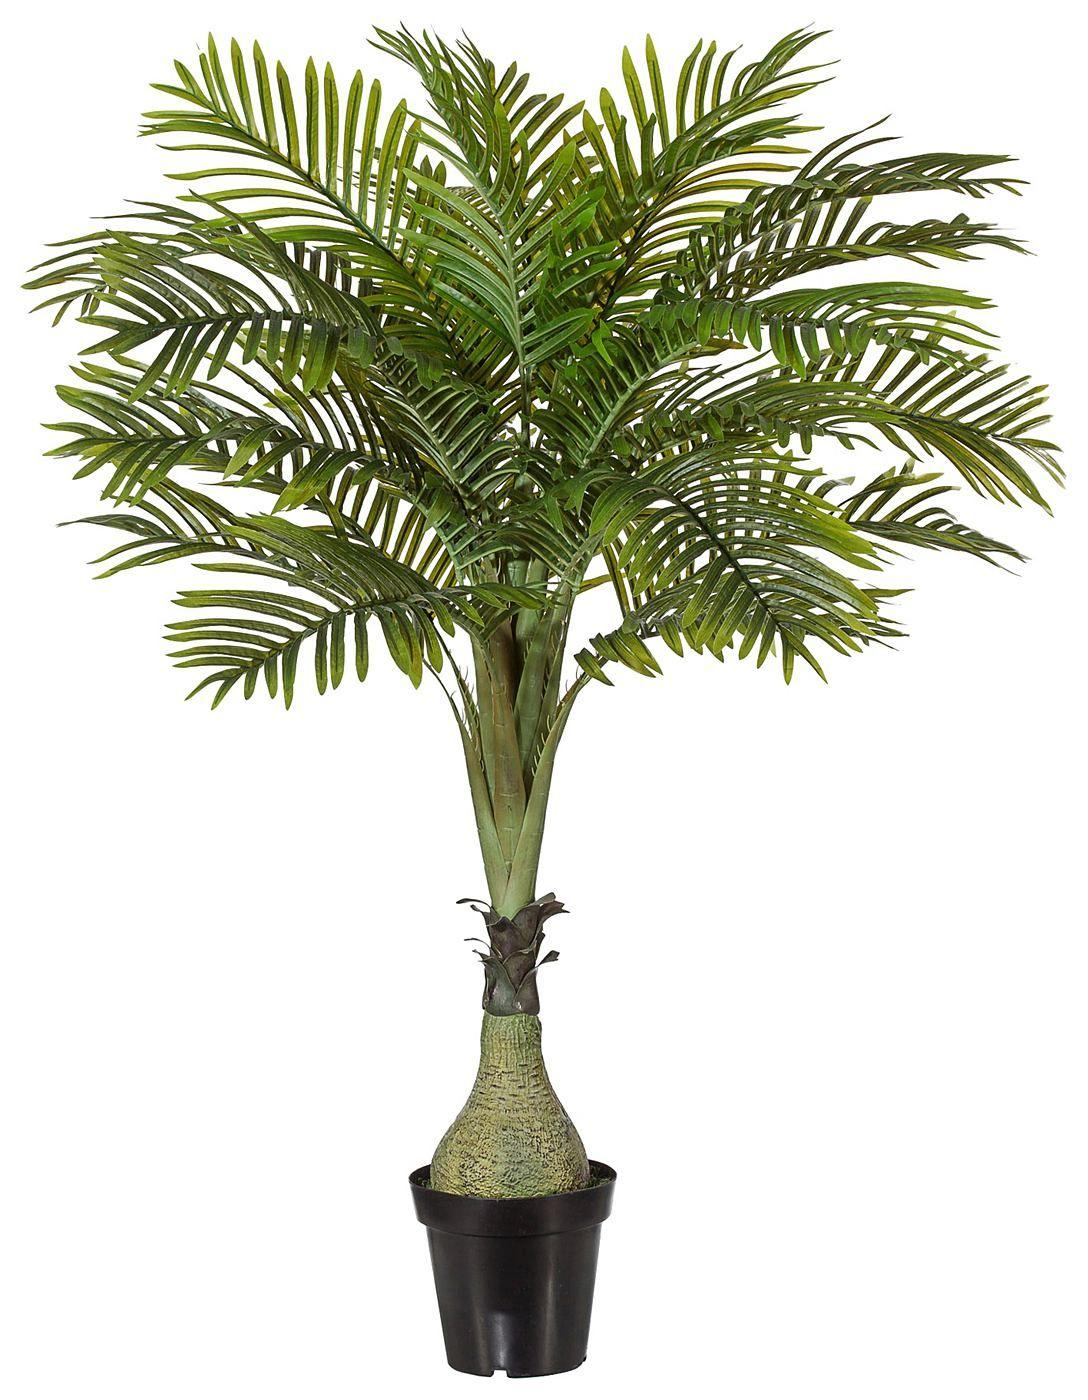 Artikeldetails:  Naturgetreue Areca-Palme, Höhe: 150 cm,  Material/Qualität:  Kunststoff, Topf aus Kunststoff,  ...